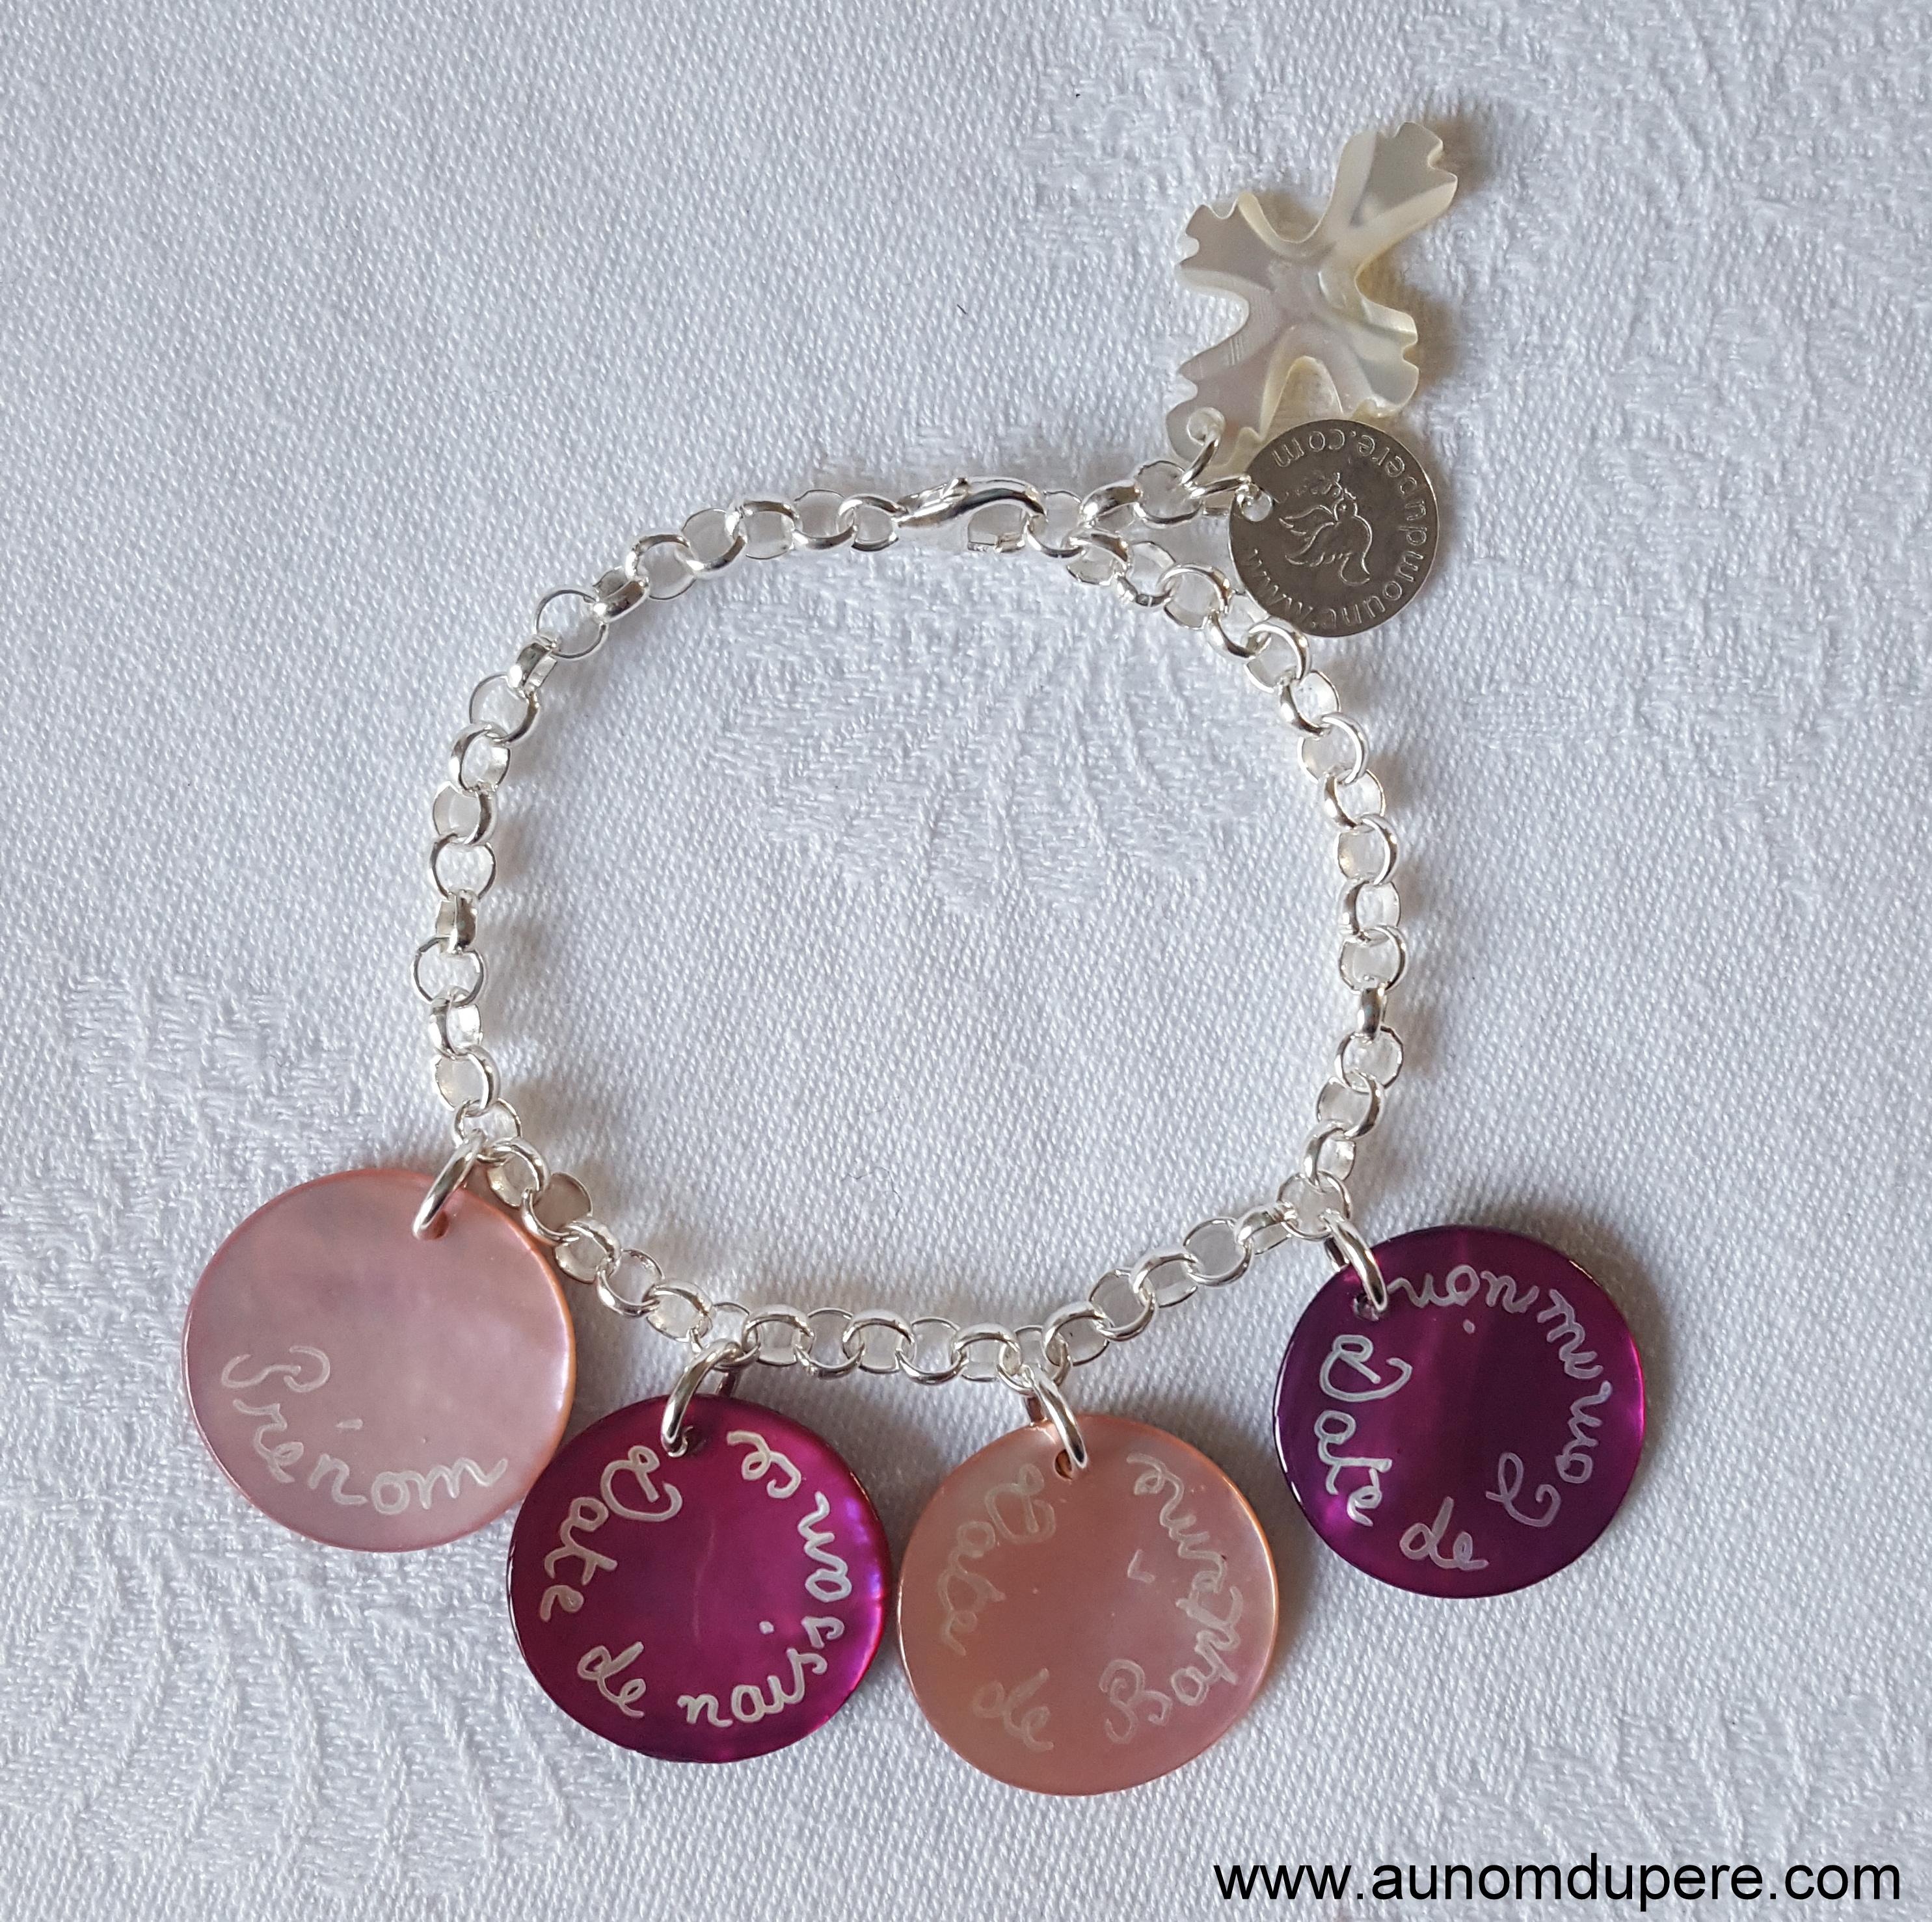 Bracelet De Communion Au Nom Du Pere Bijoux